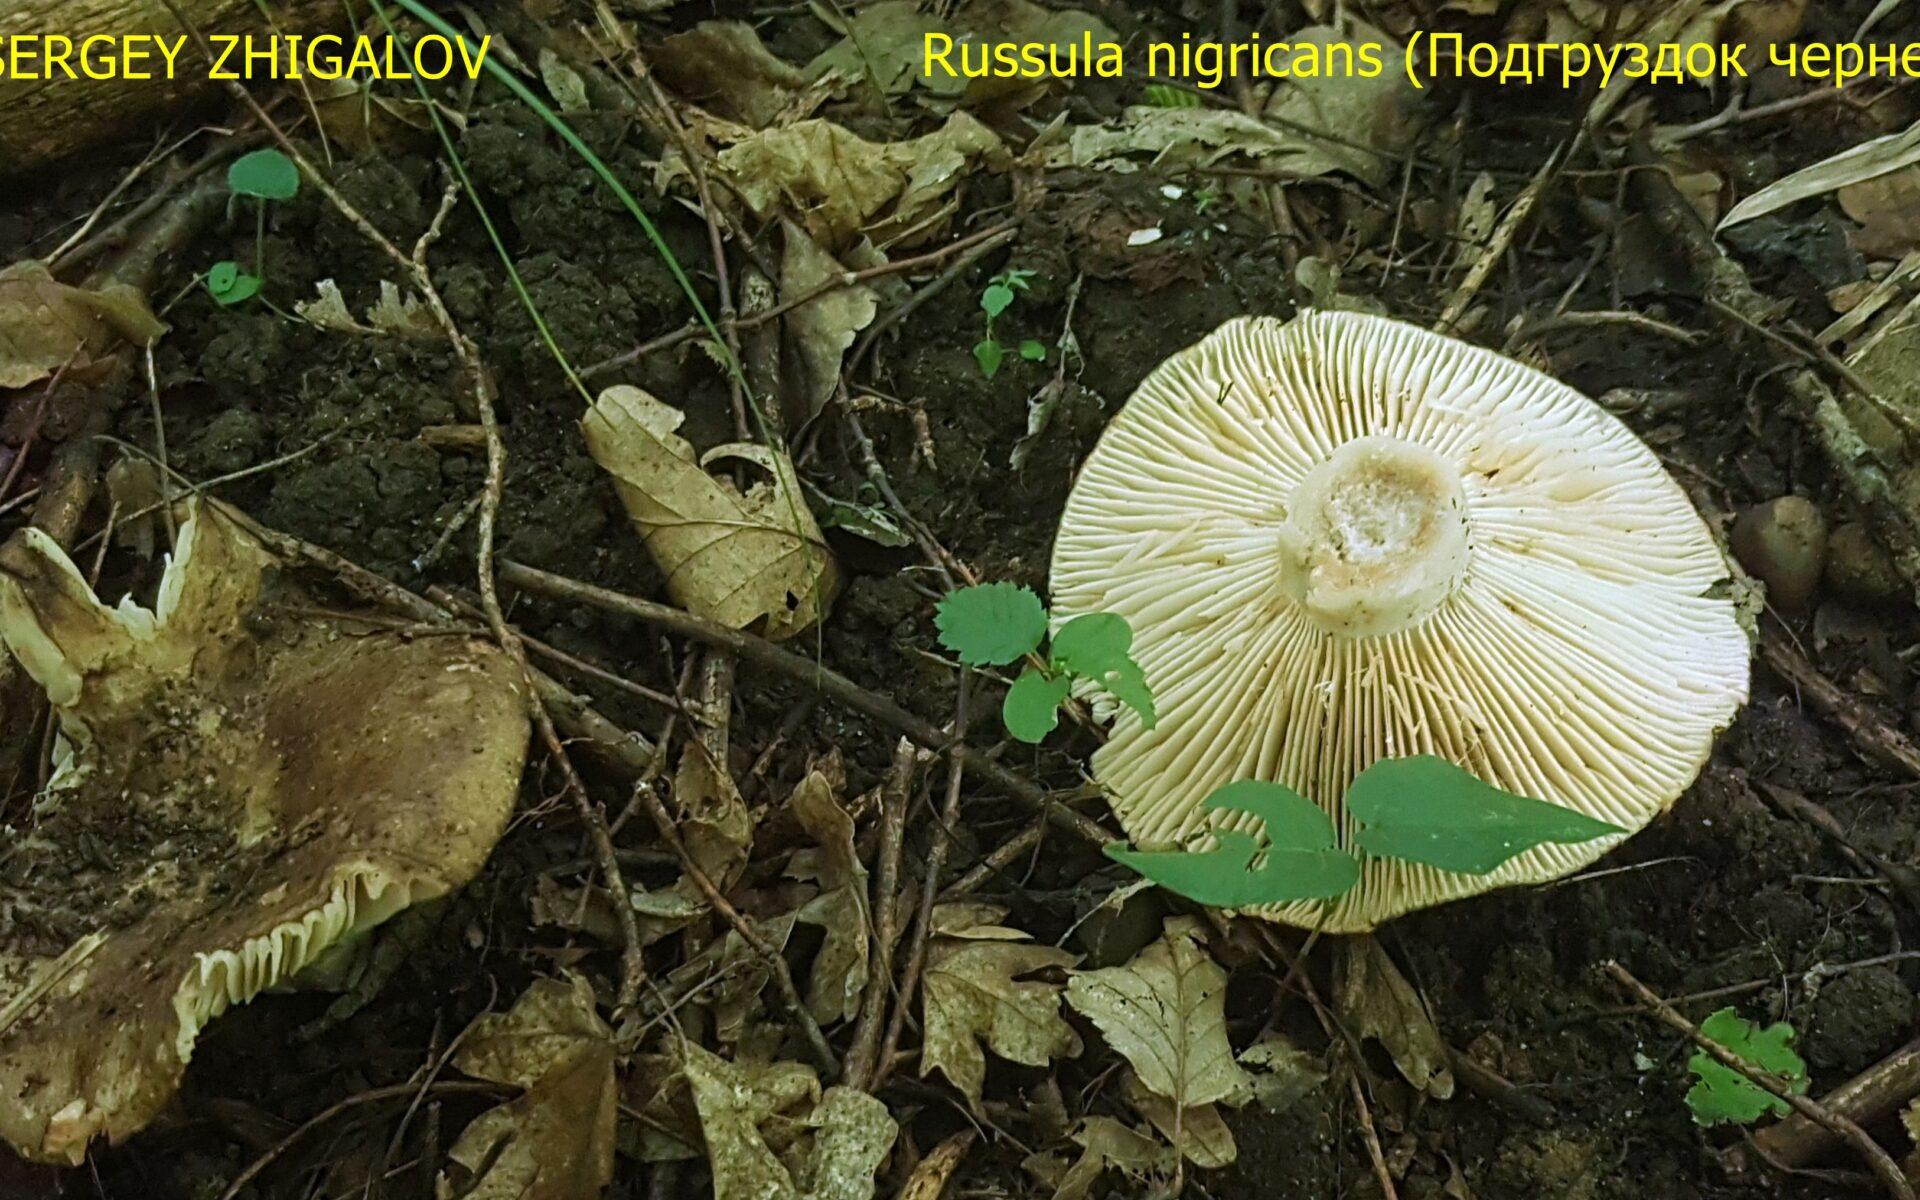 Подгруздок чернеющий Russula nigricans